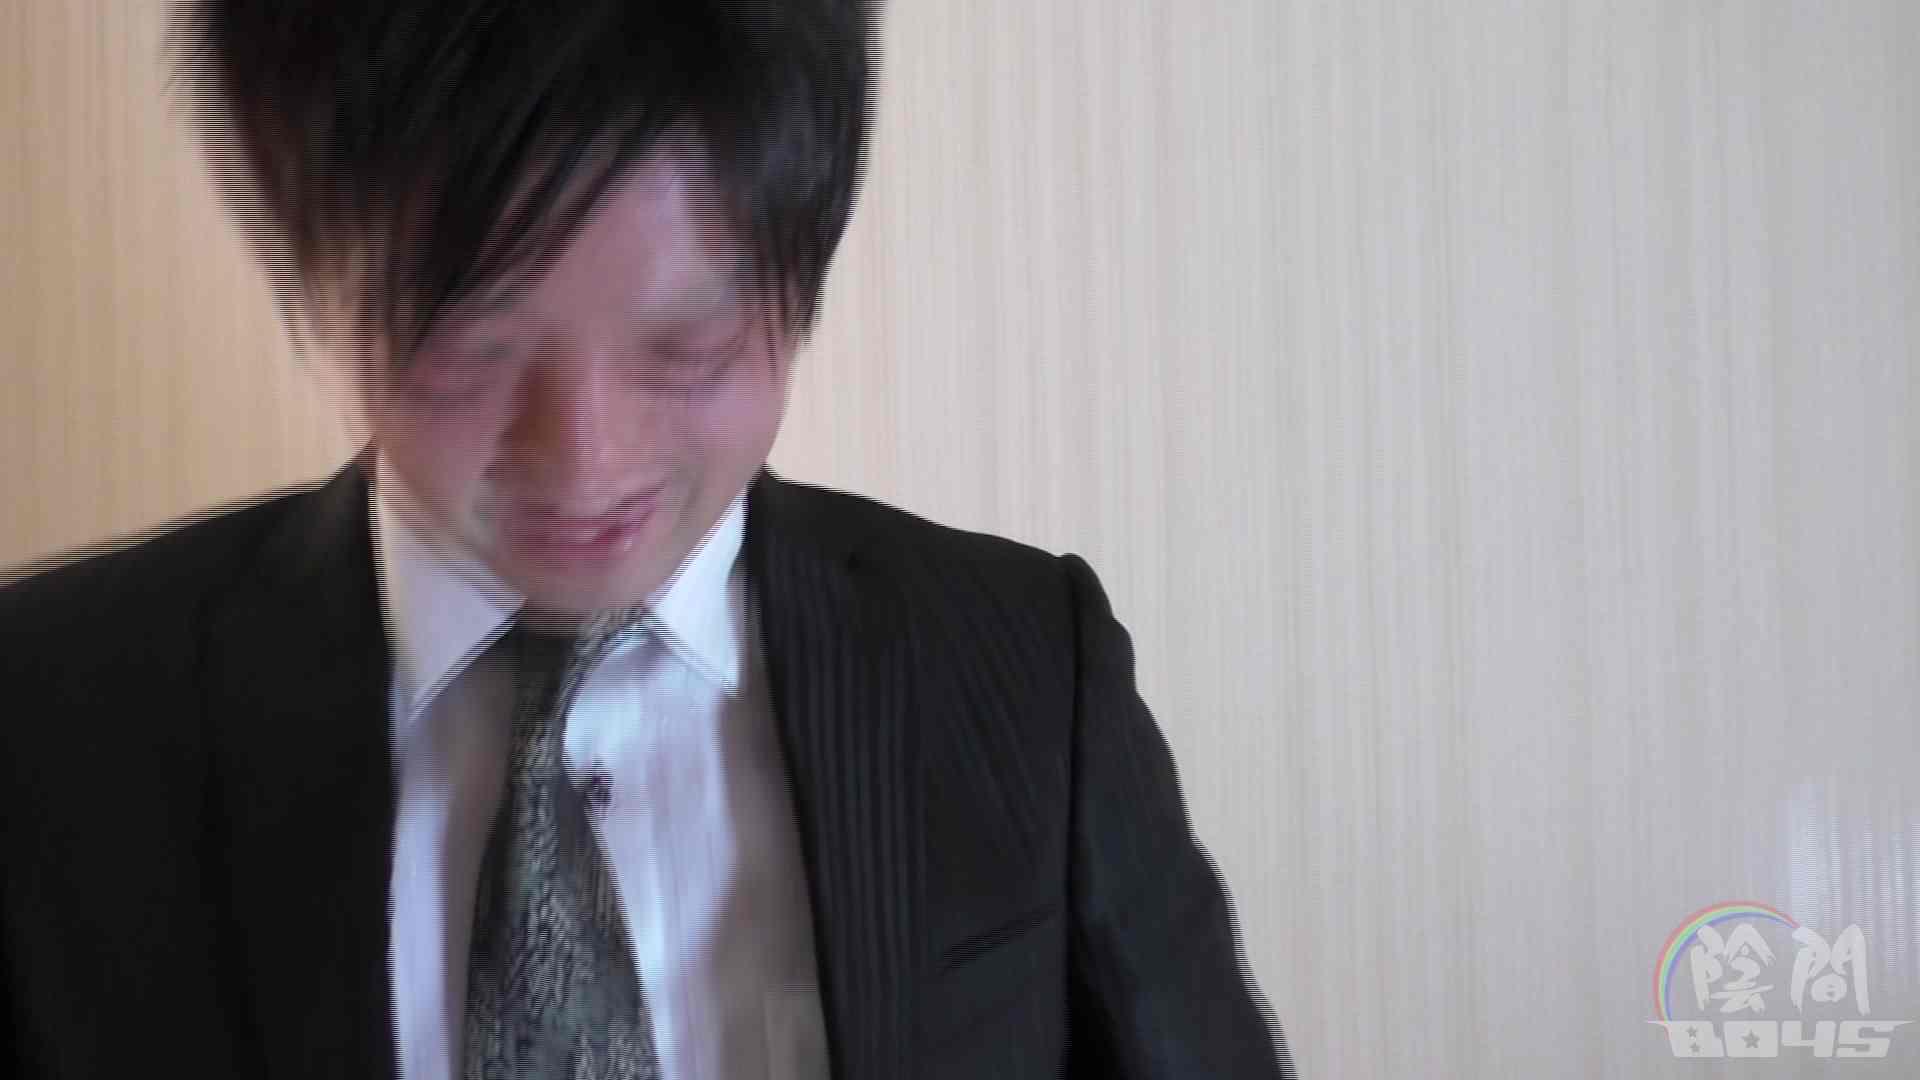 """キャバクラの仕事は""""アナル""""から1 Vol.03 ハメ撮り特集 ゲイアダルト画像 104枚 12"""